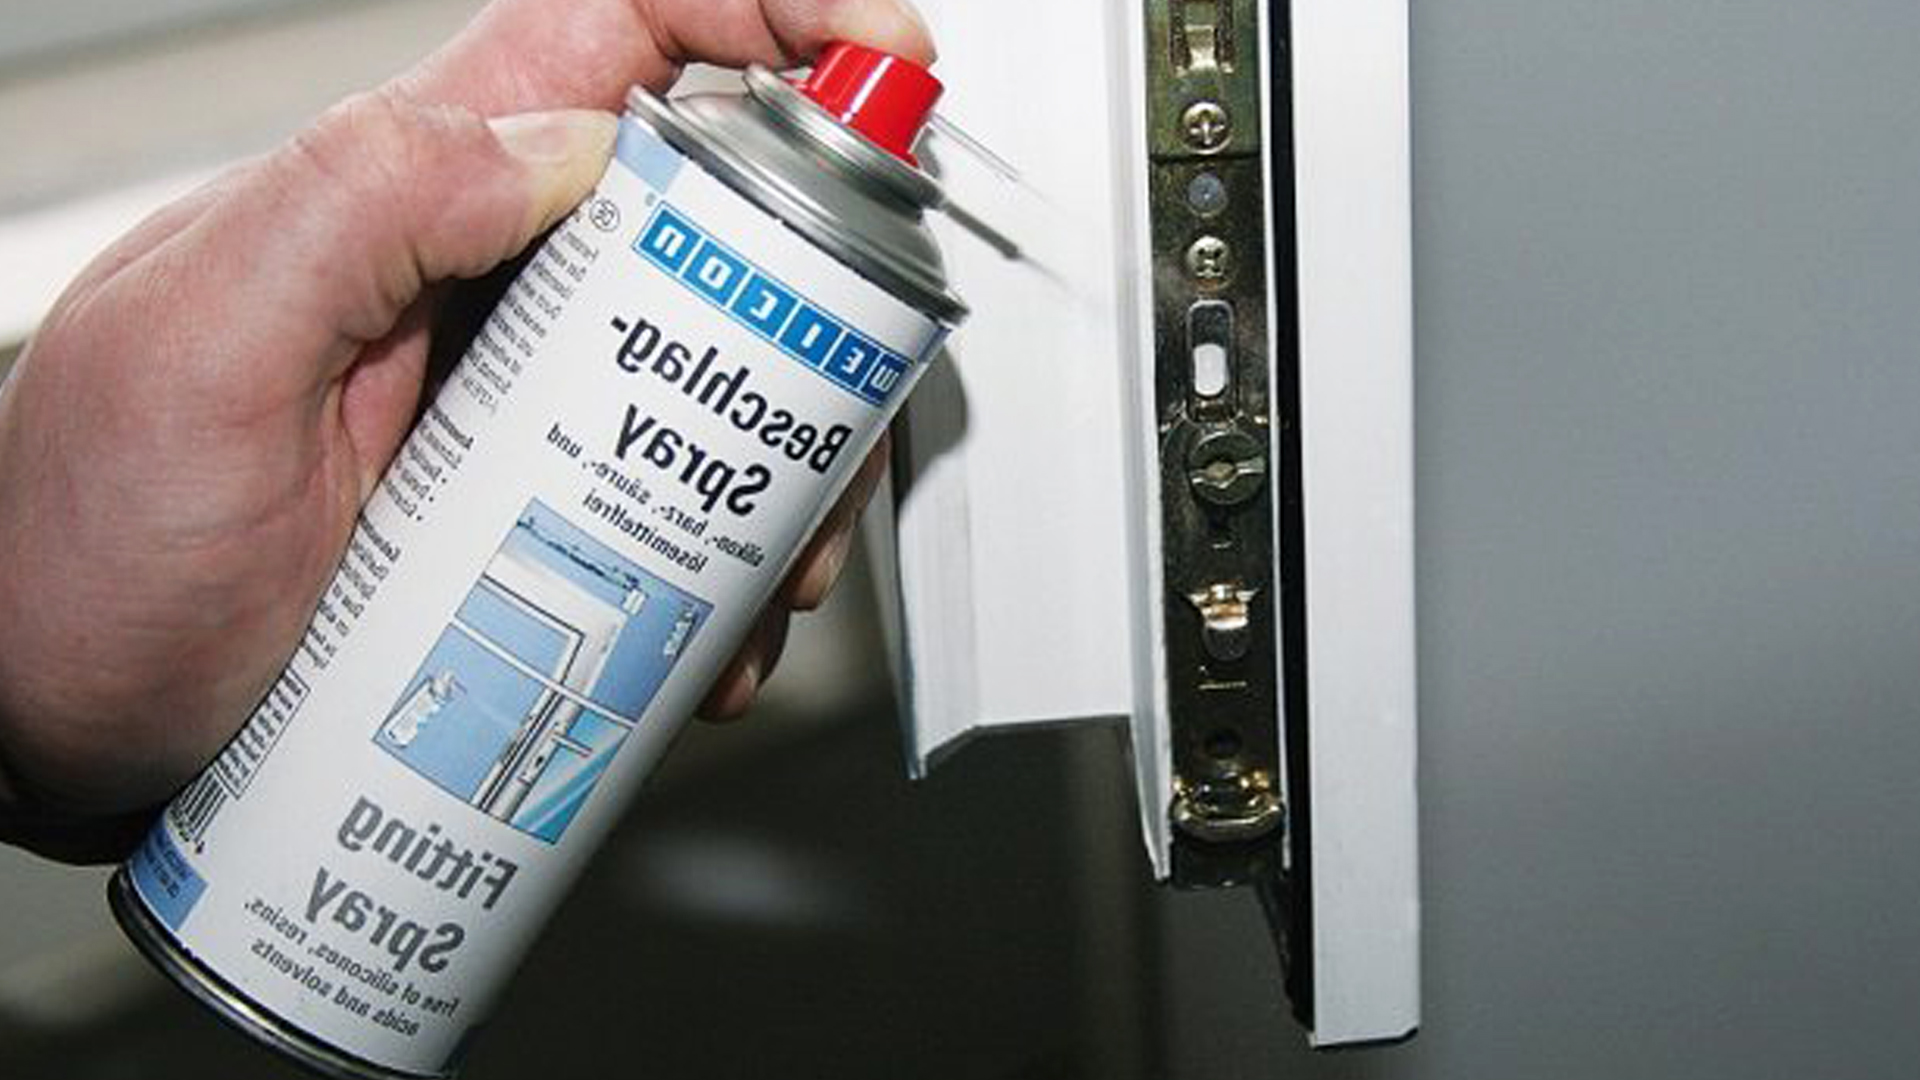 Смазка силиконовая для резиновых уплотнителей окон дома